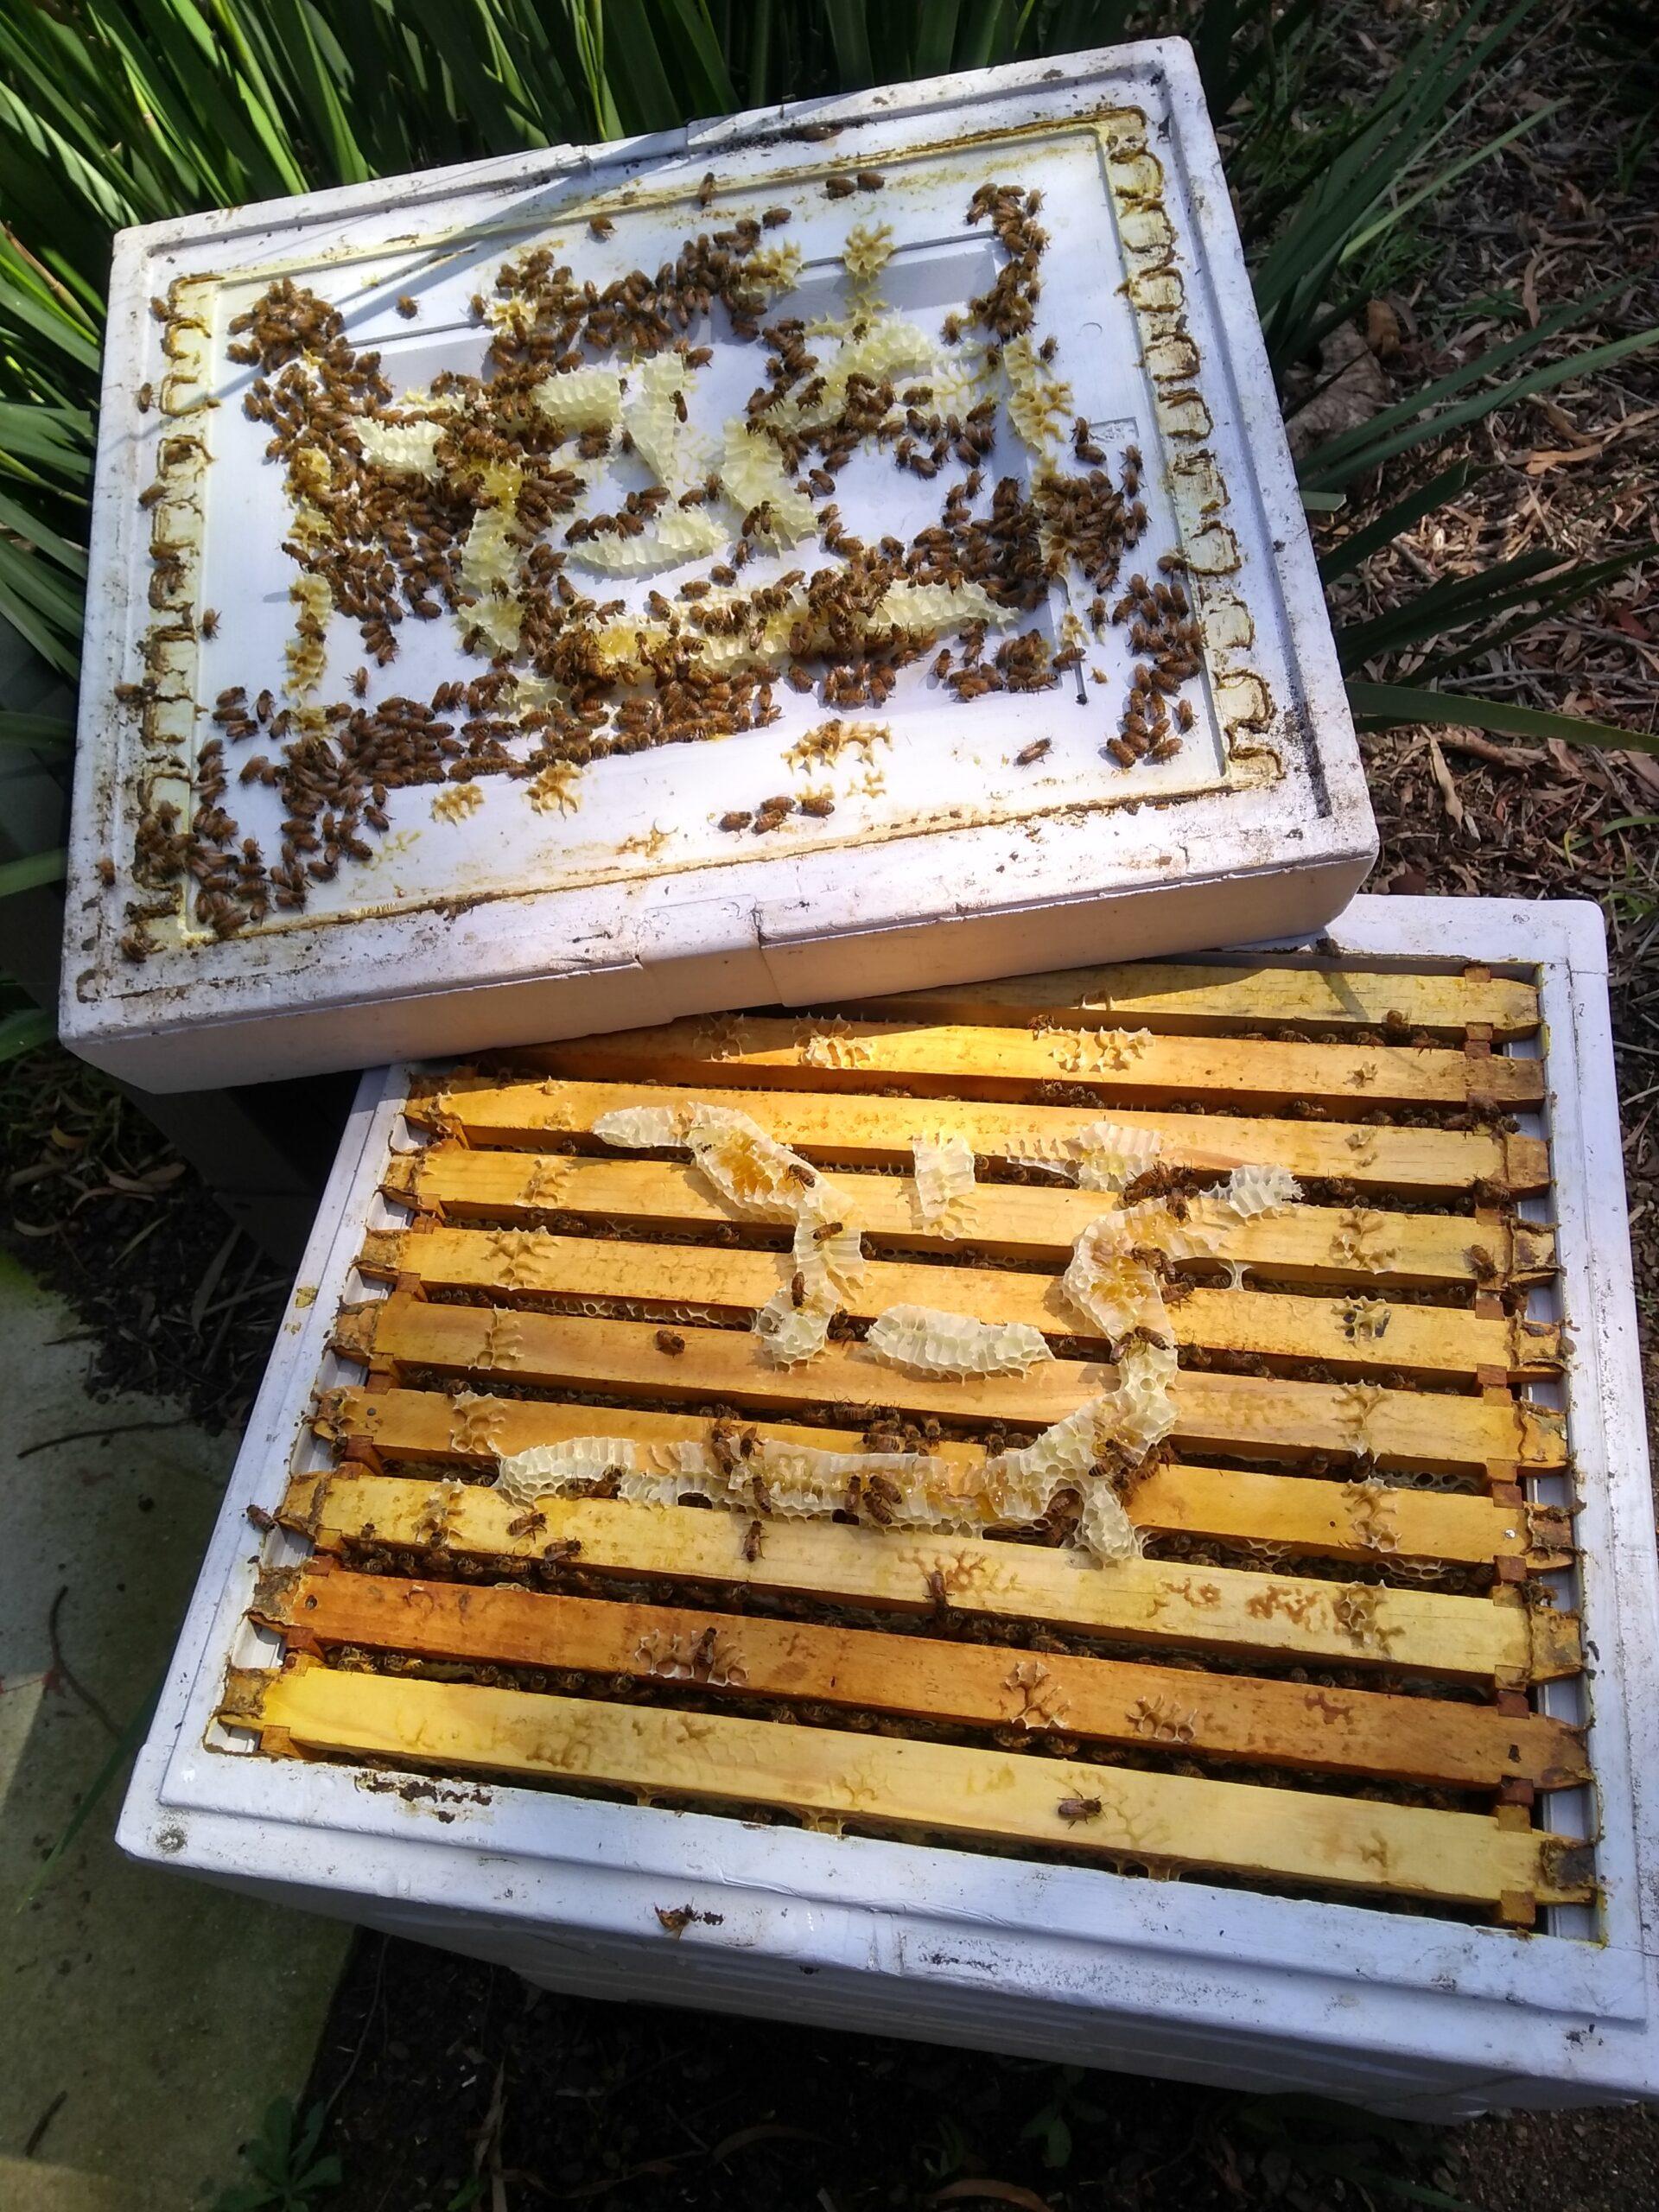 Hive ready to split